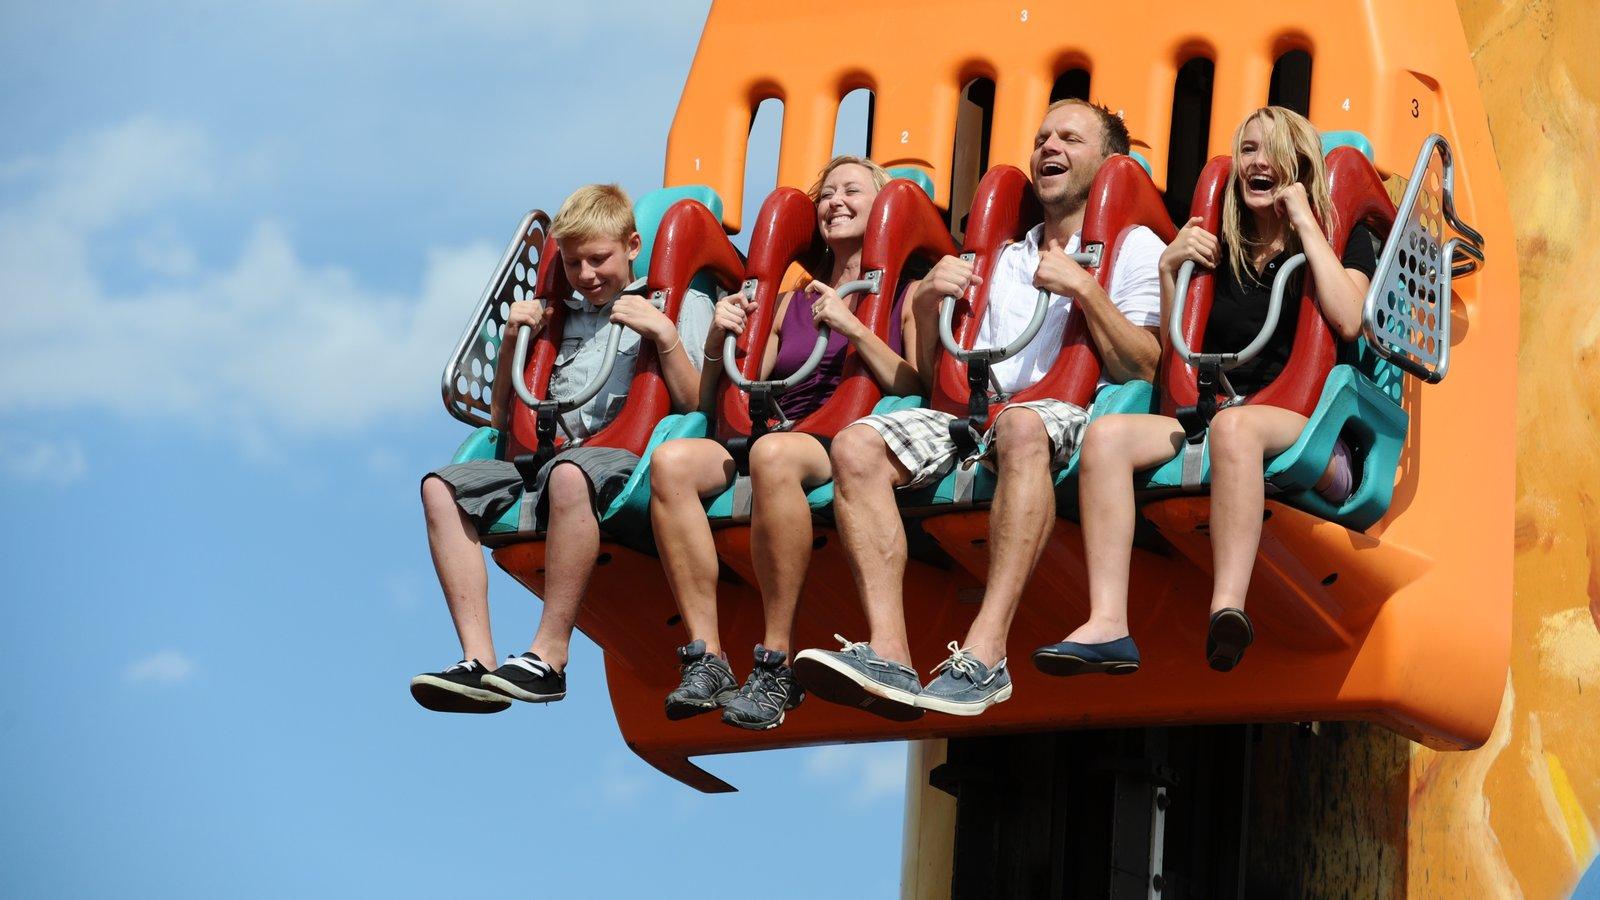 Elitch Gardens Theme Park caracterizando passeios assim como uma família